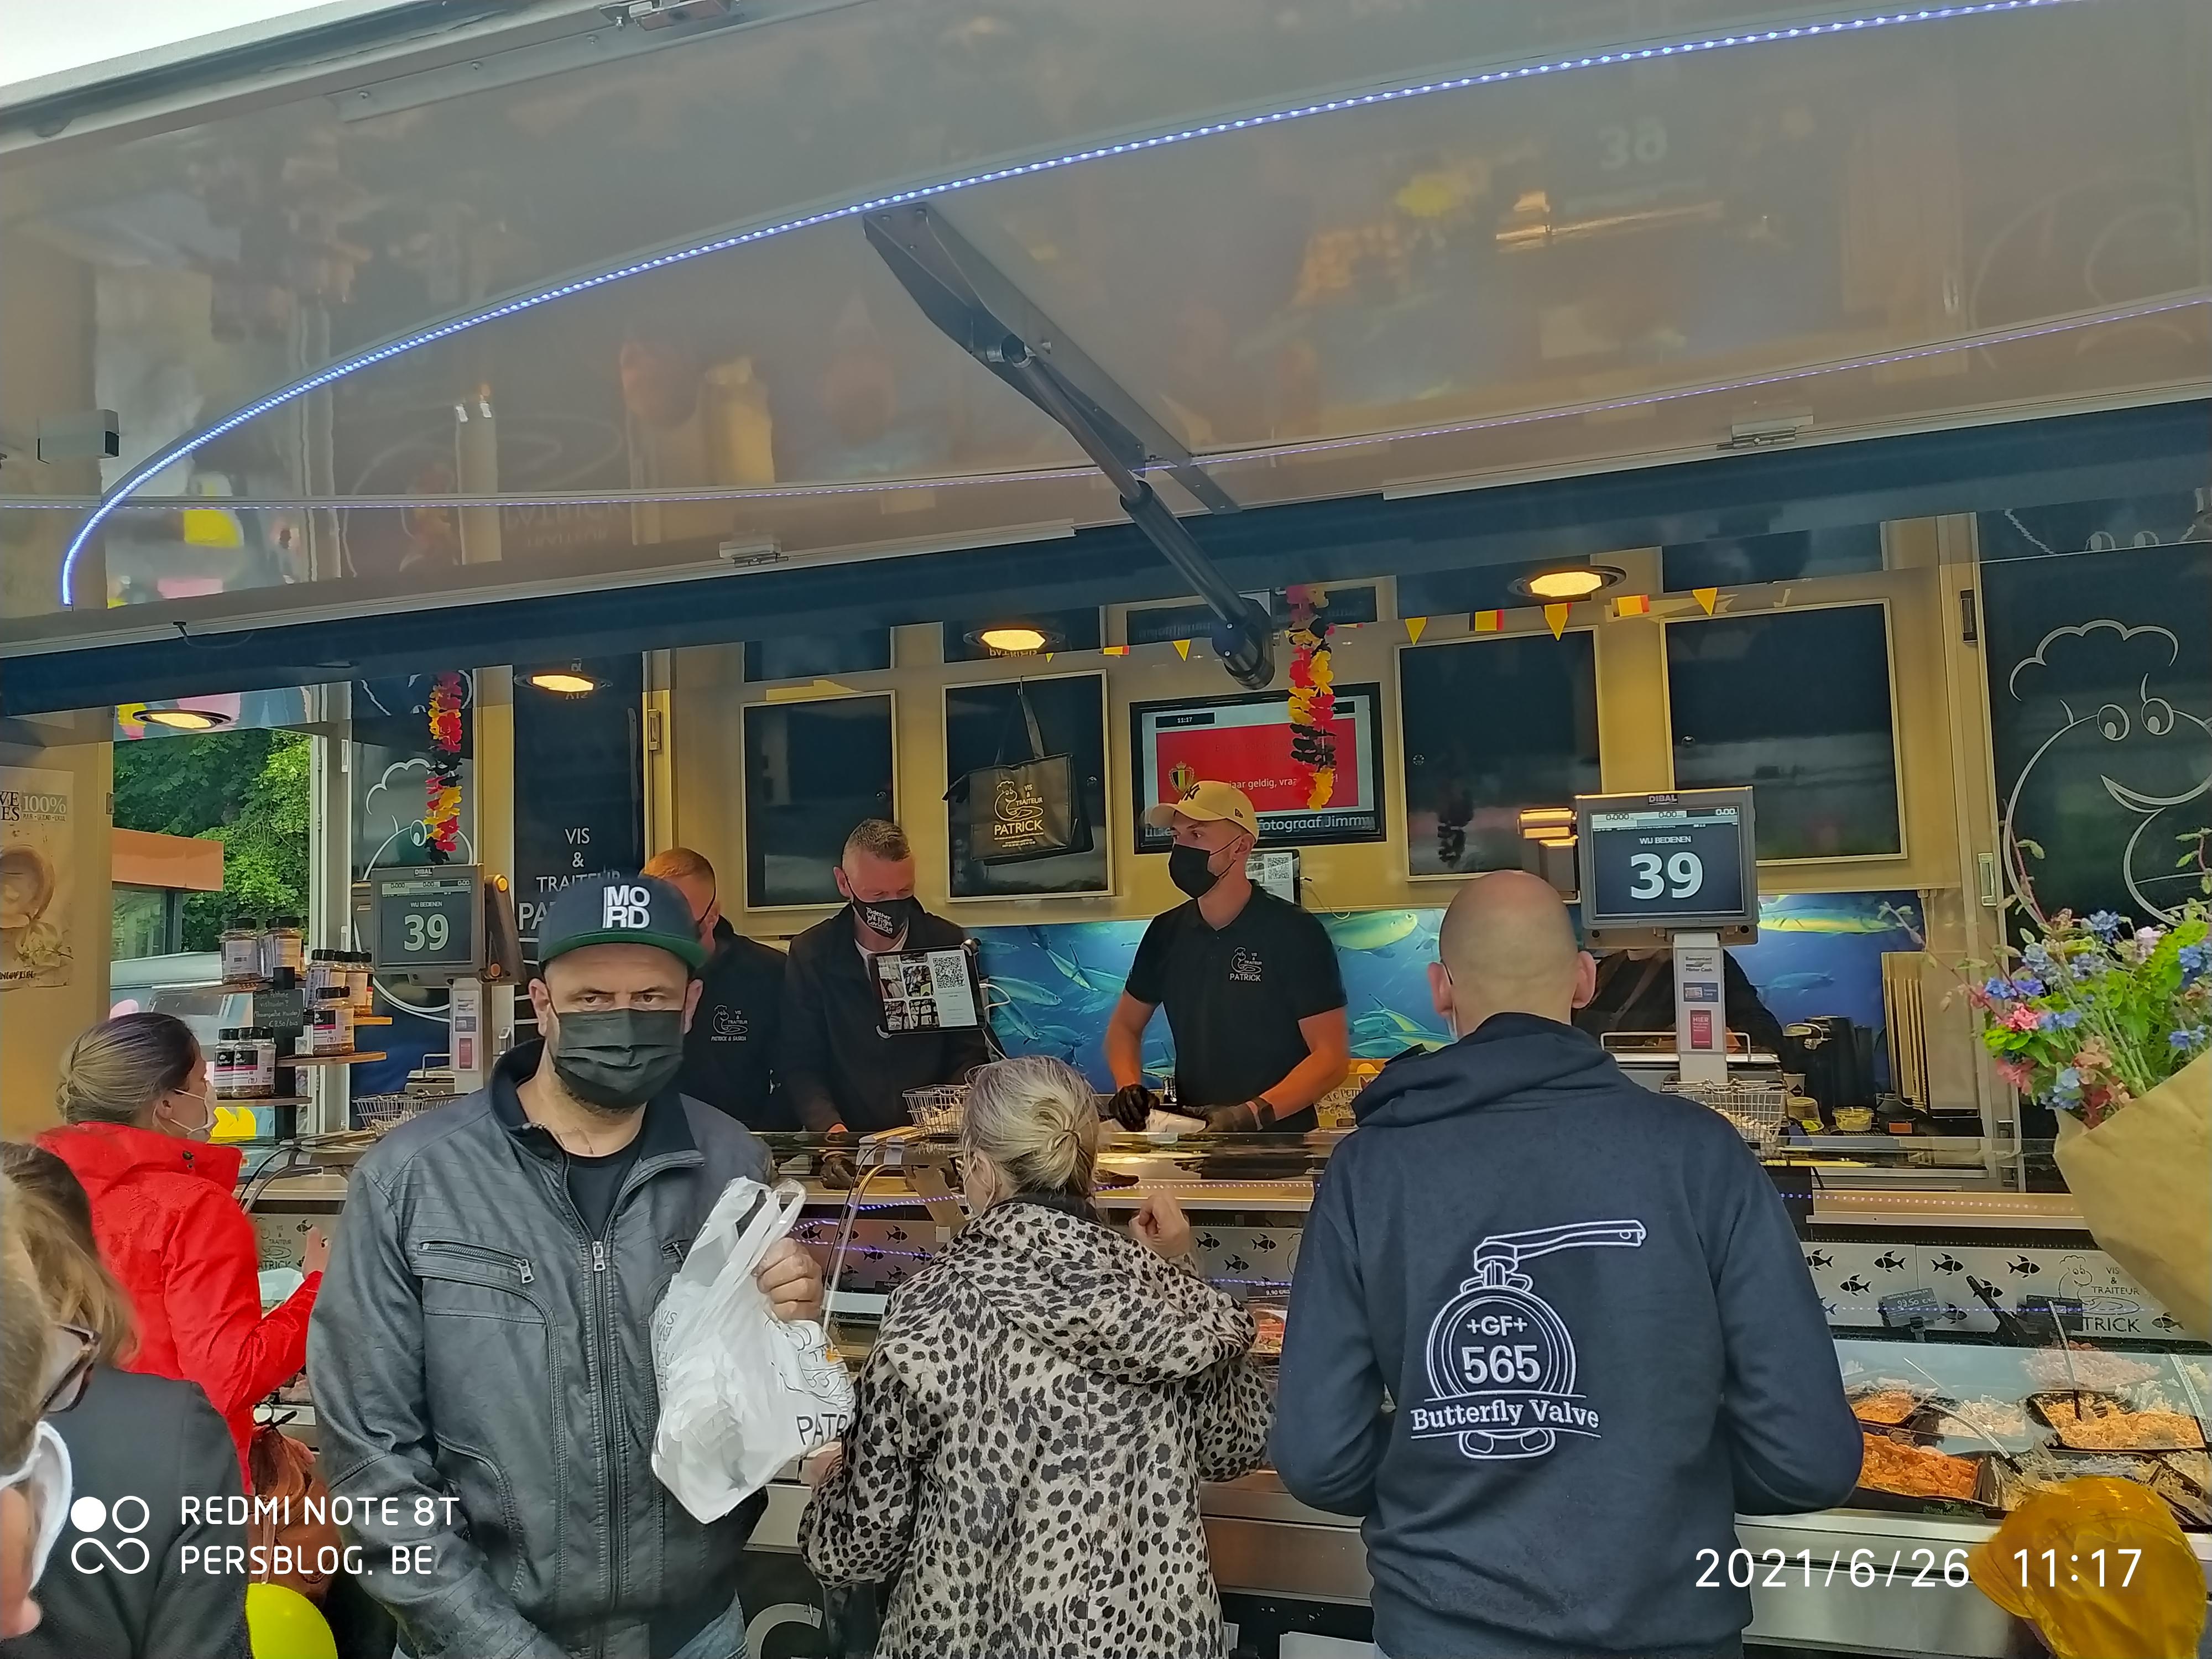 Drongenplein - eerste wekelijkse markt op vernieuwd plein en parkje IMG_20210626_111956 (5)